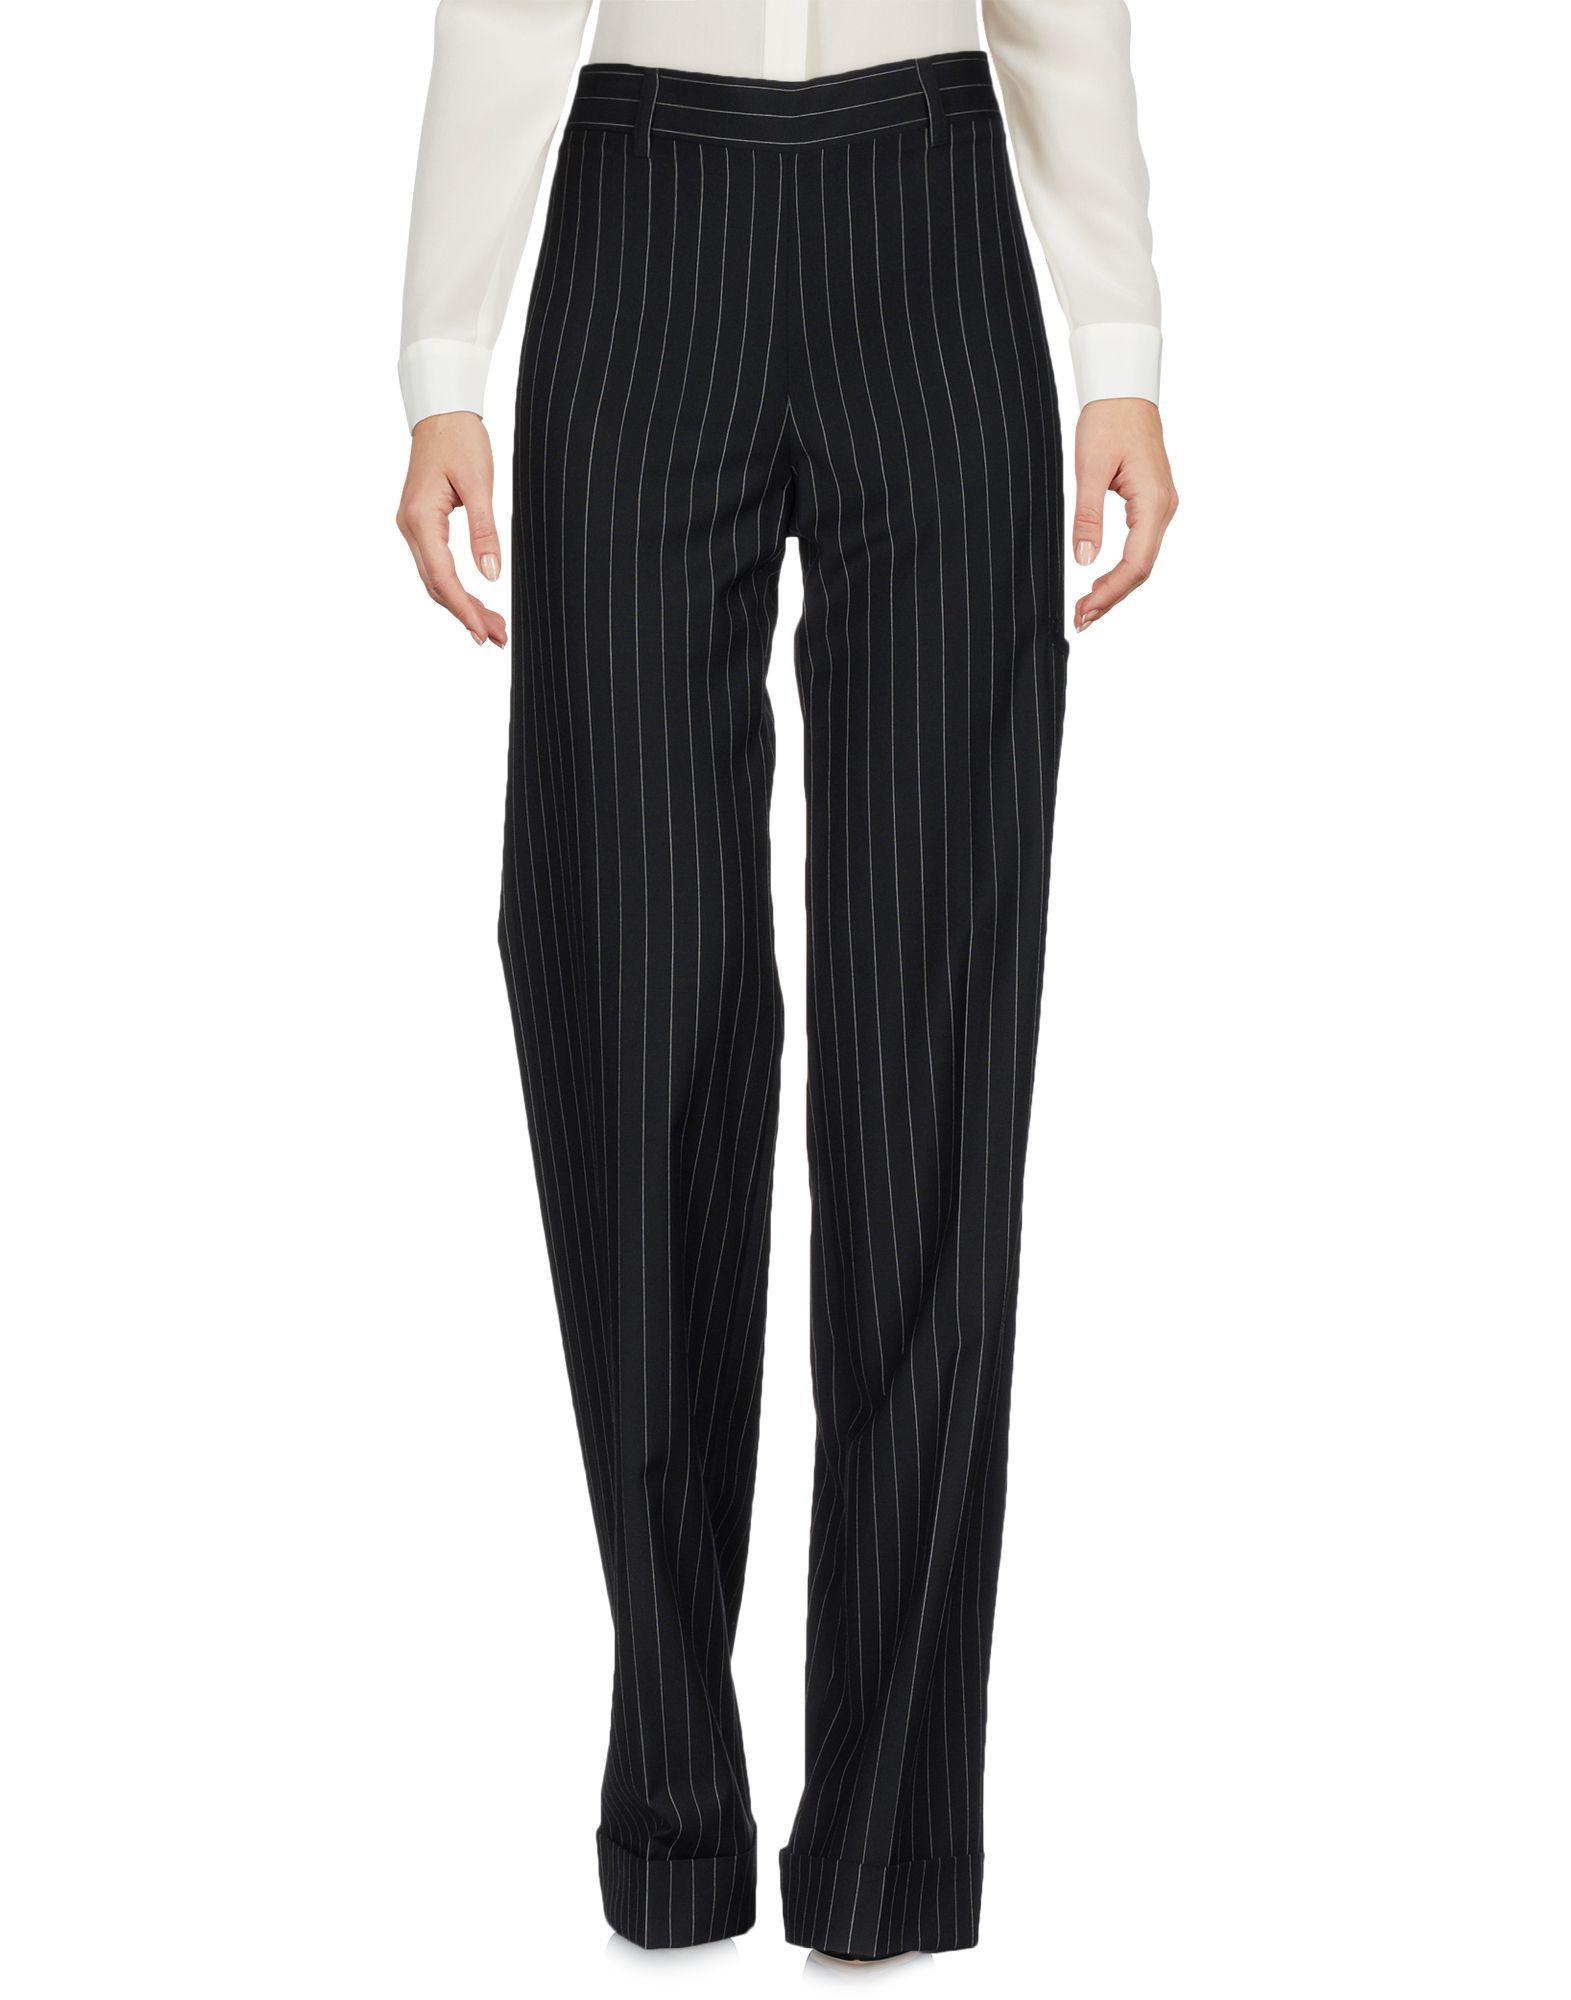 Pantalone Jean Paul Gaultier Femme Donna - Acquista online su FUFIbJT